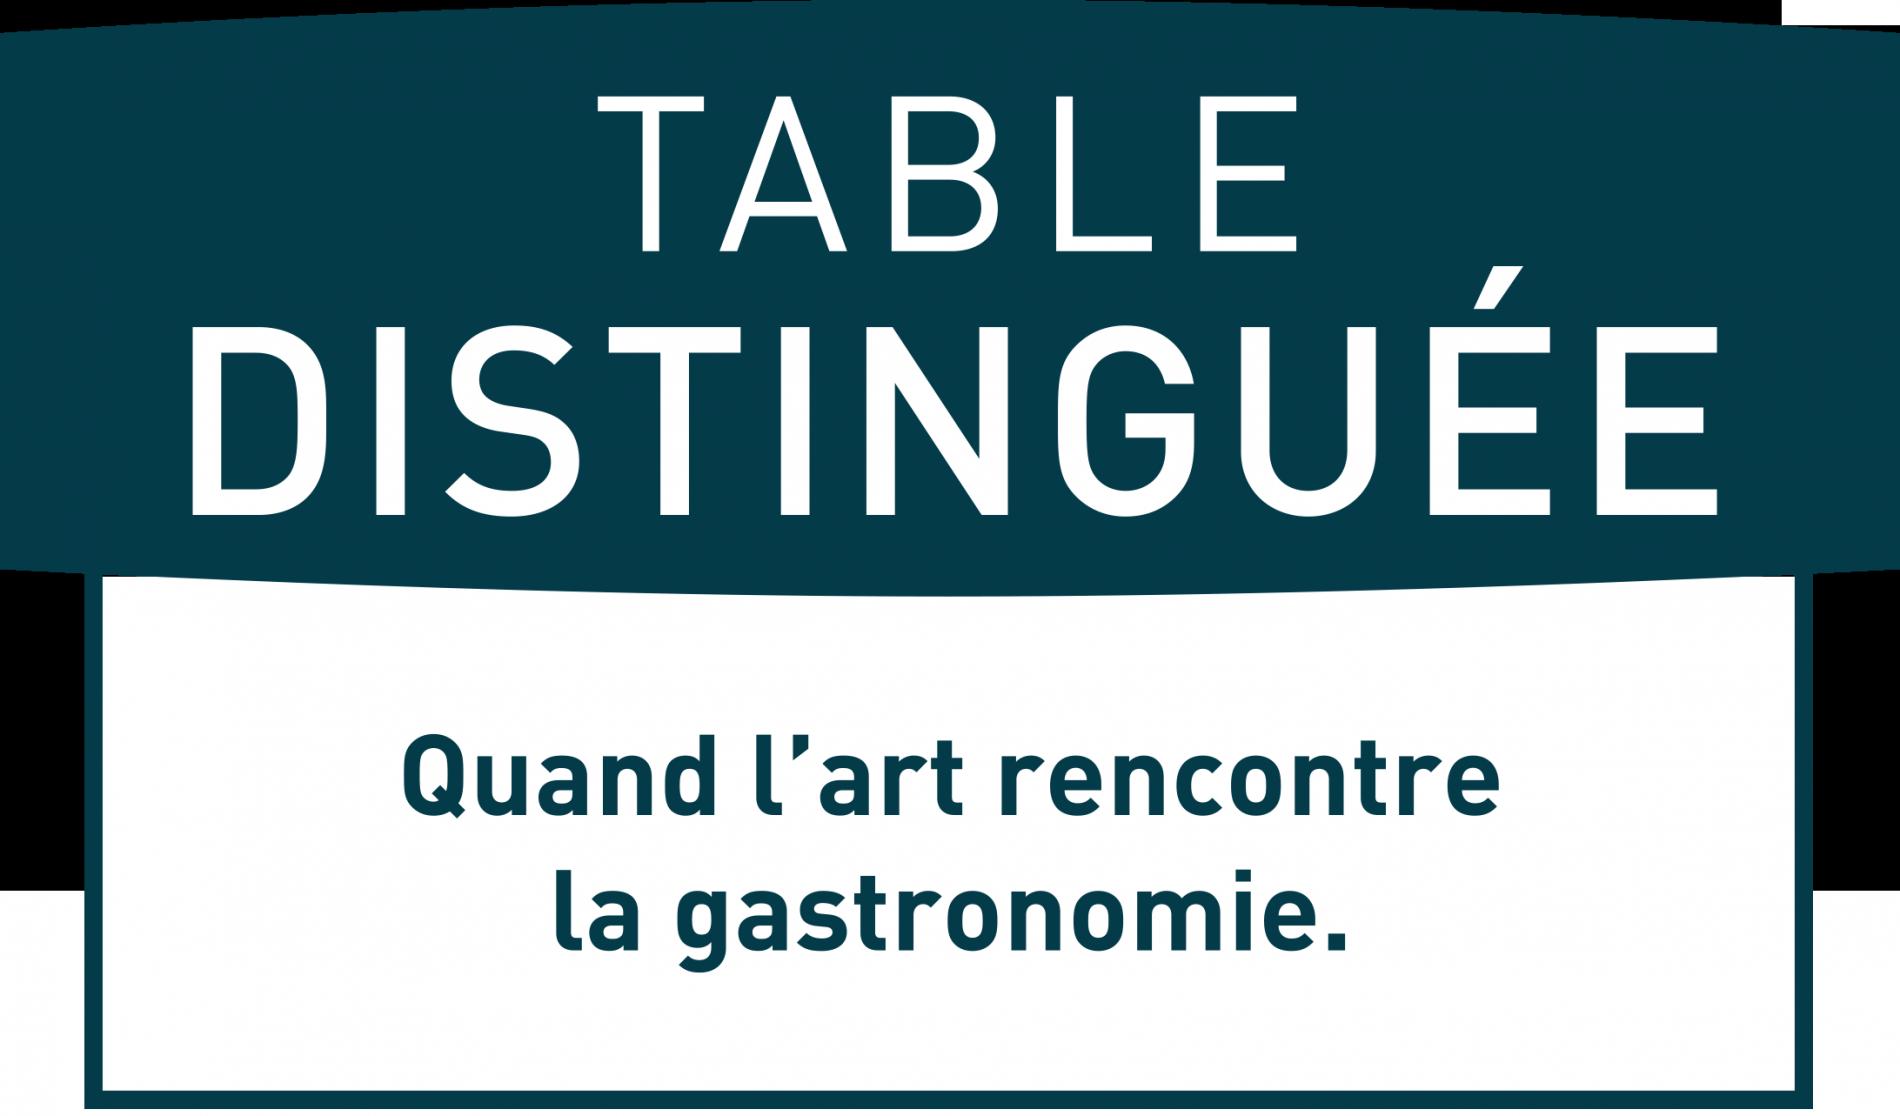 Logis Table Distinguée  à Saint Anne d'Auray dans le Morbihan